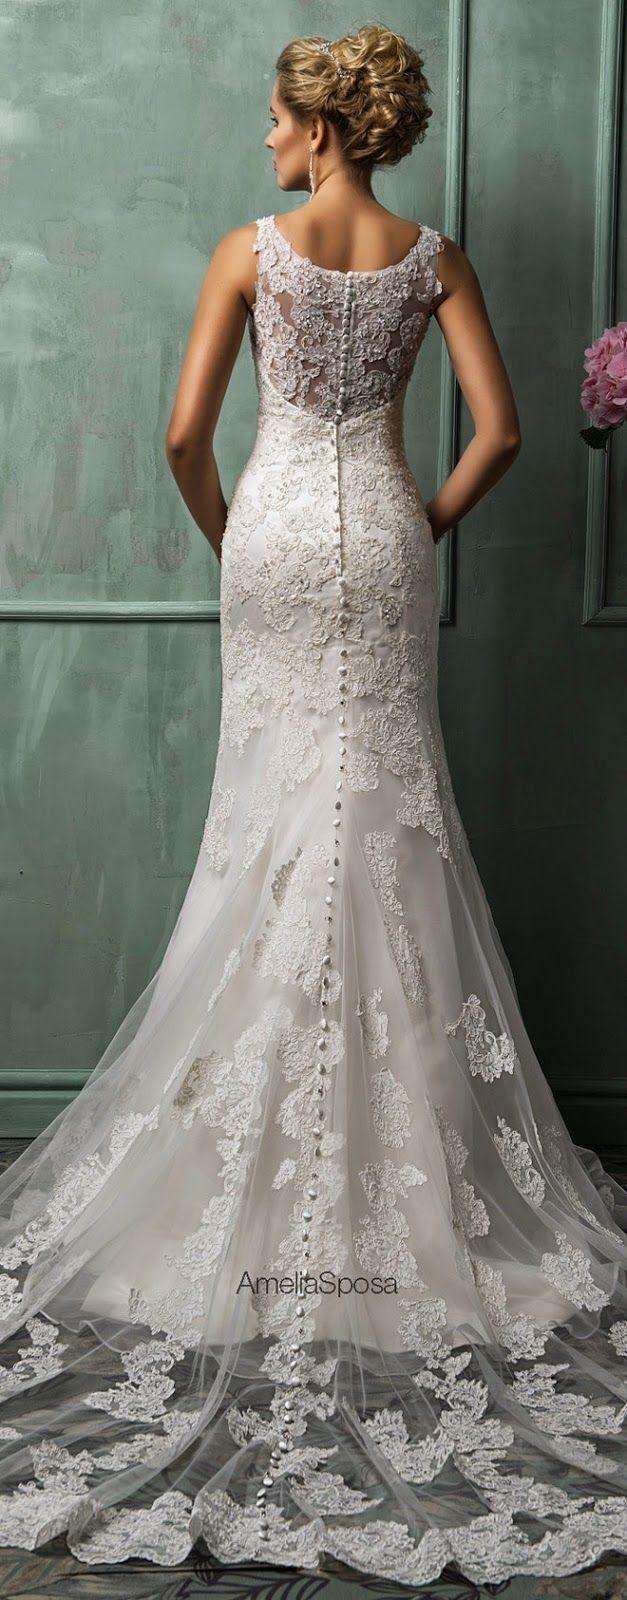 wedding dress hochzeitskleider nürnberg 5 besten